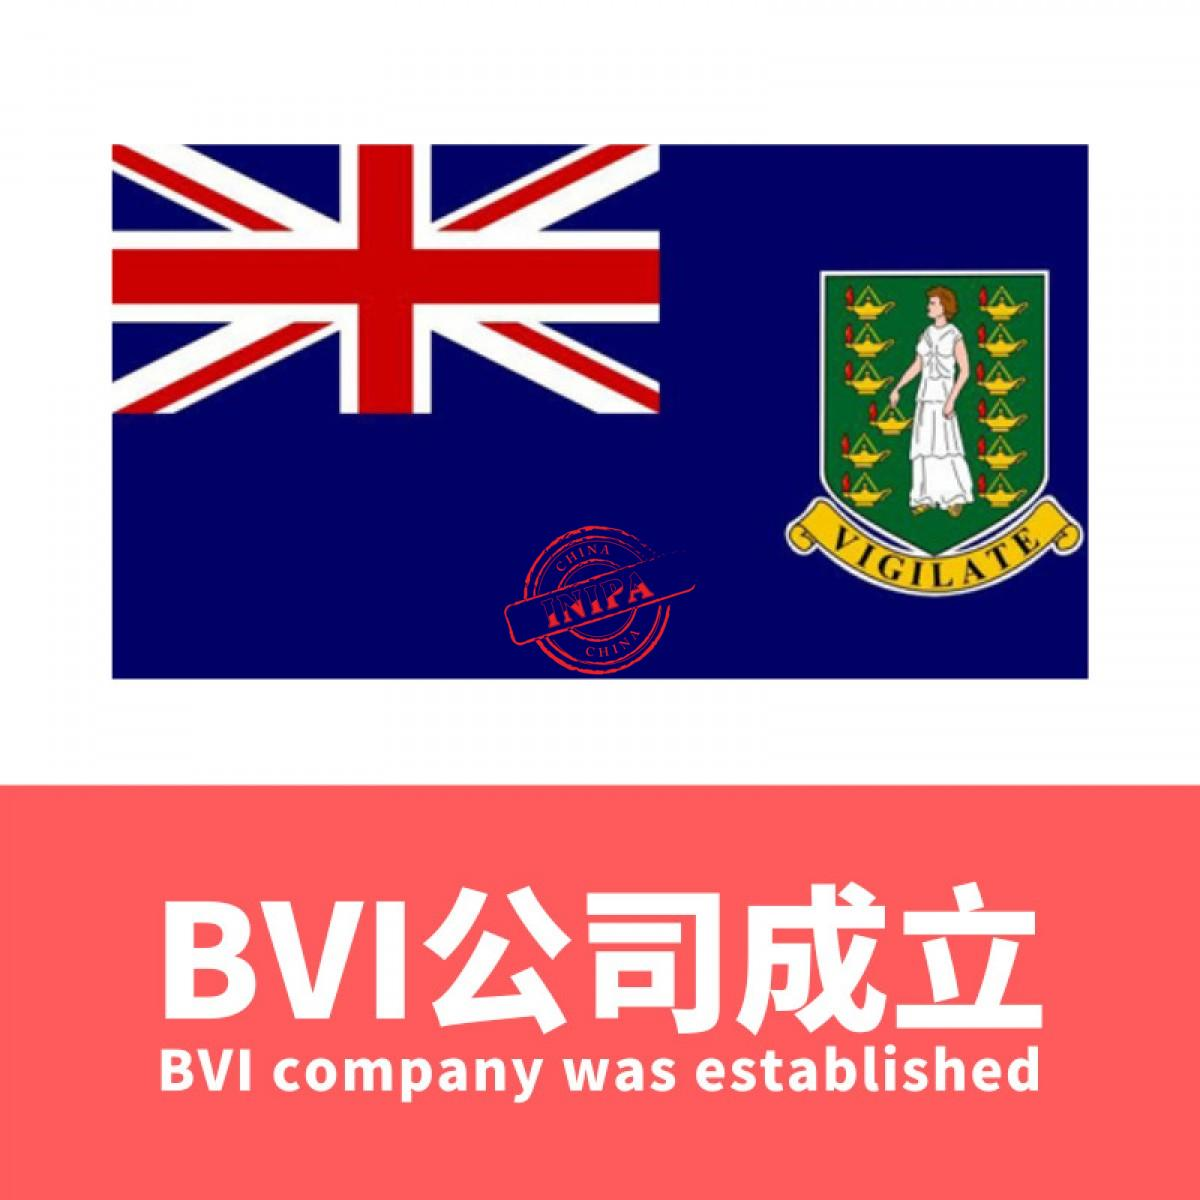 BVI公司成立/BVI company was established